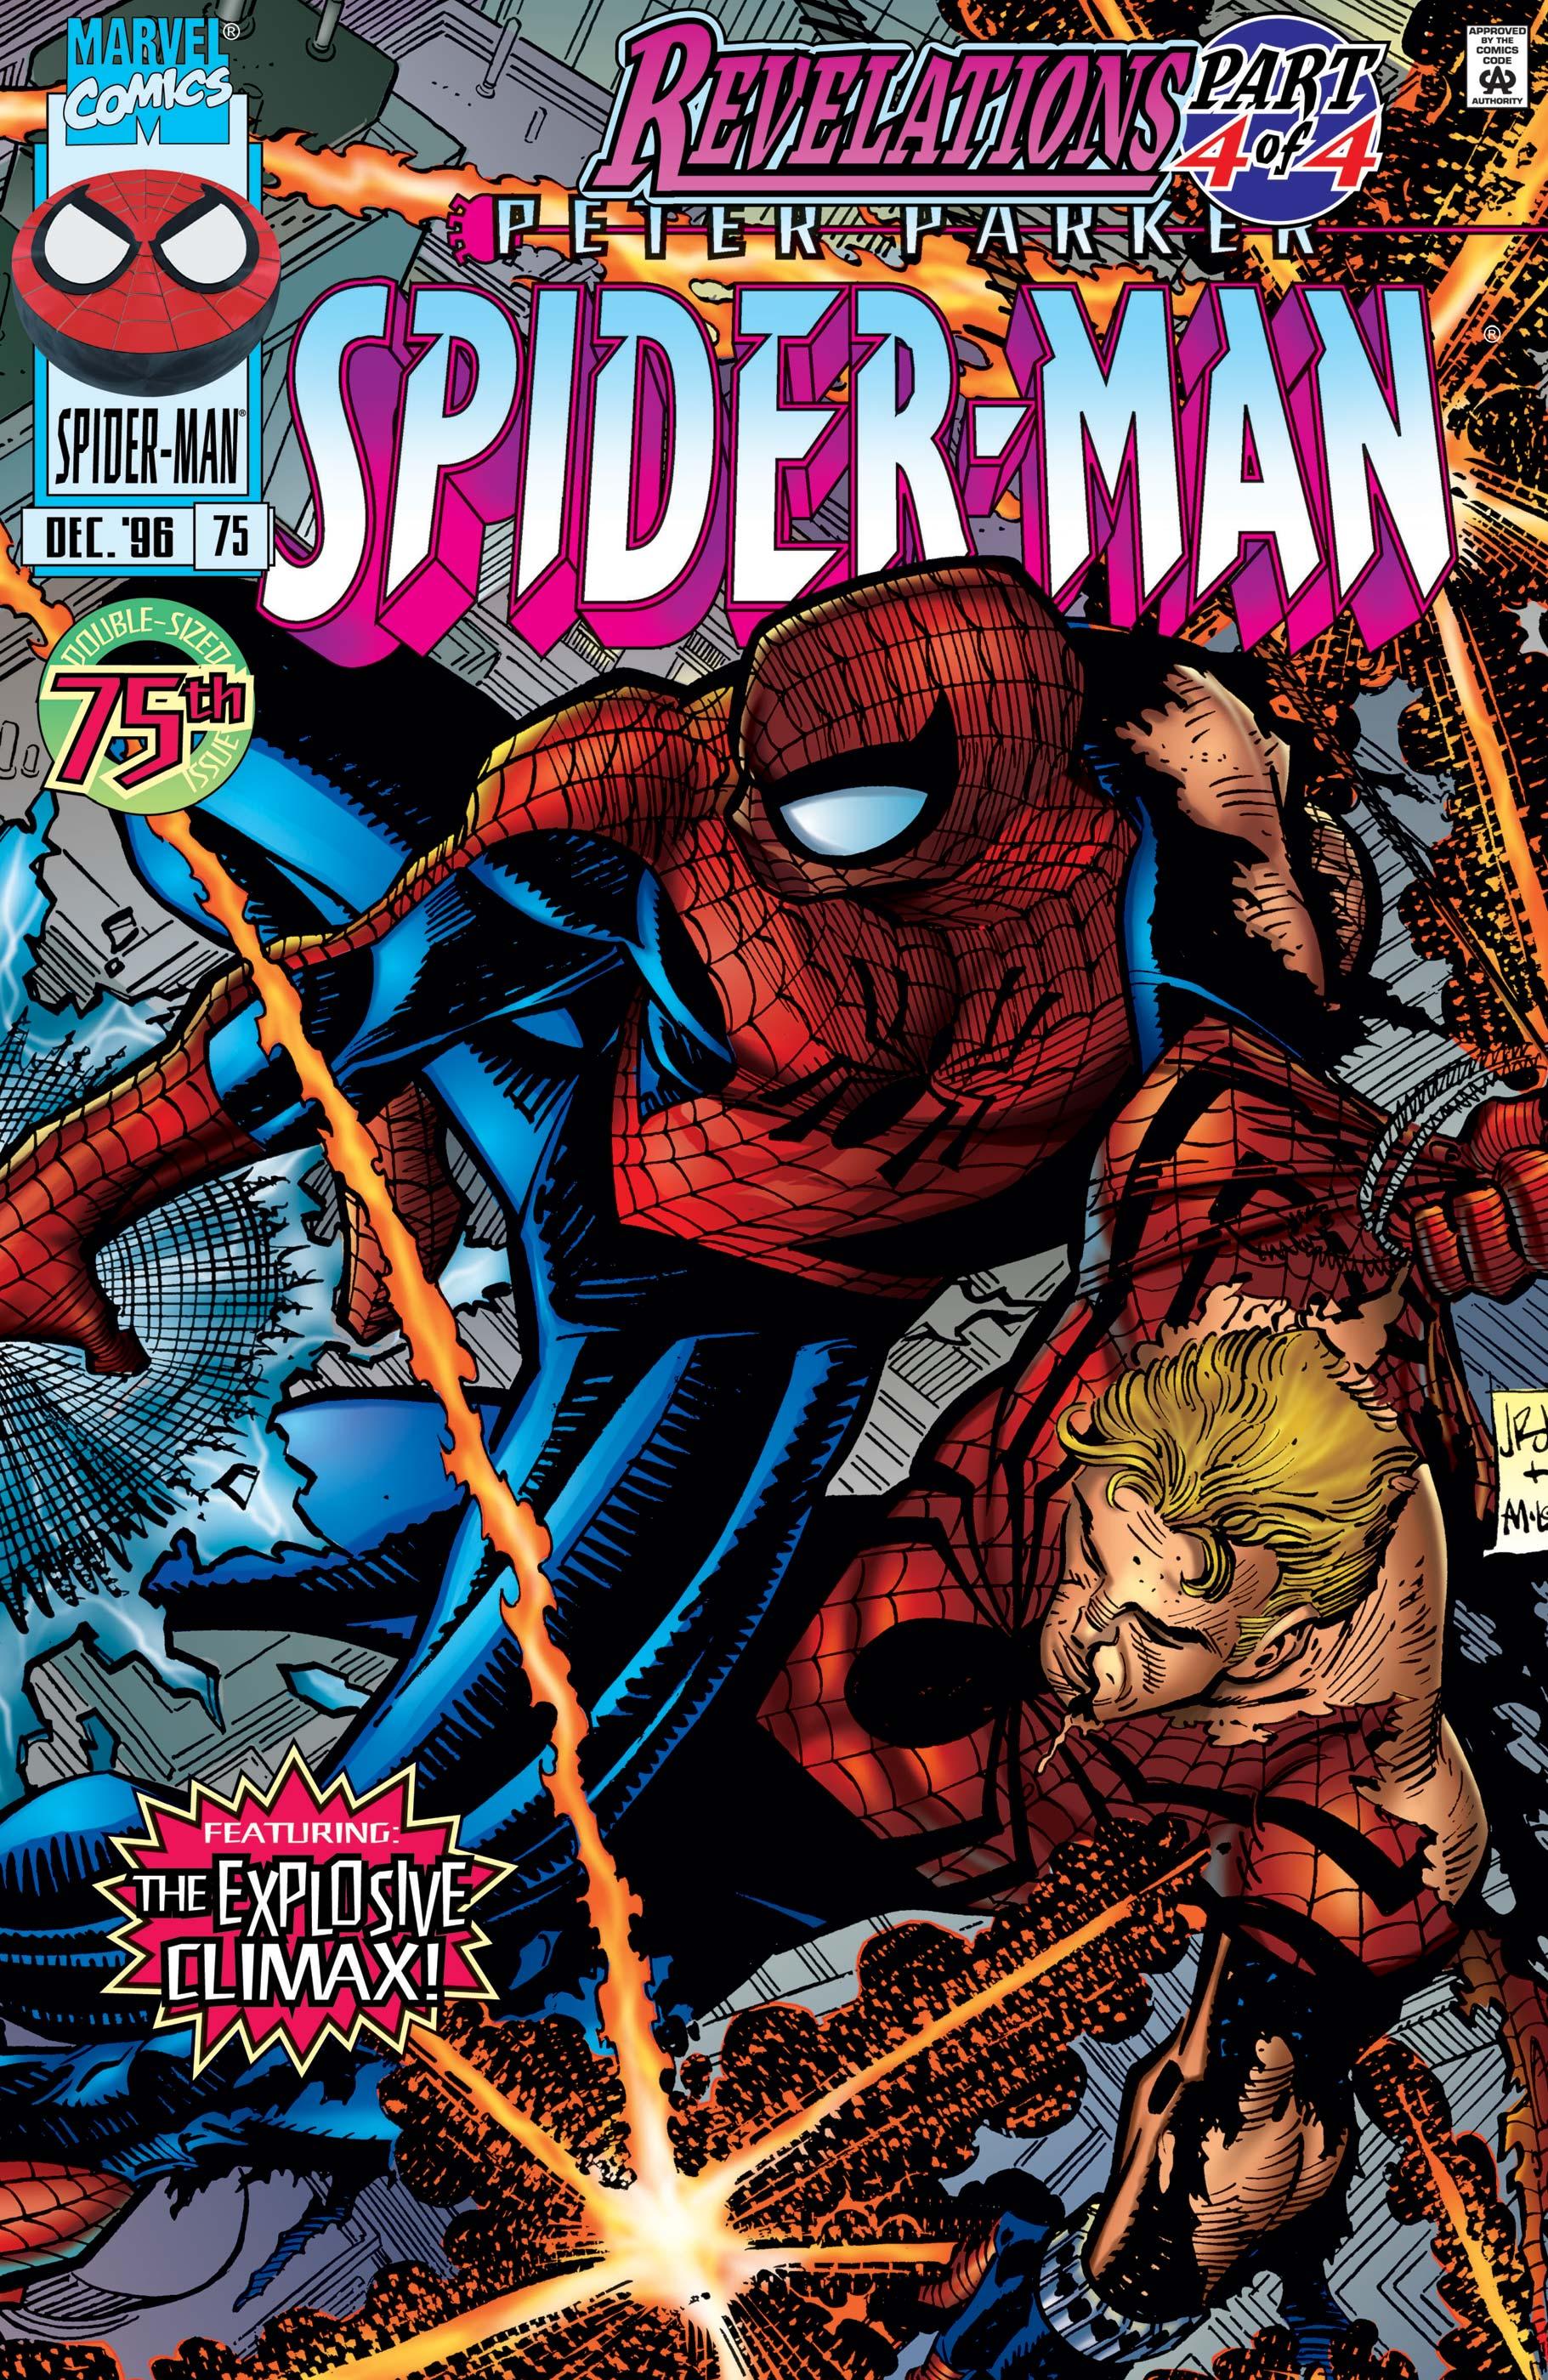 Spider-Man (1990) #75